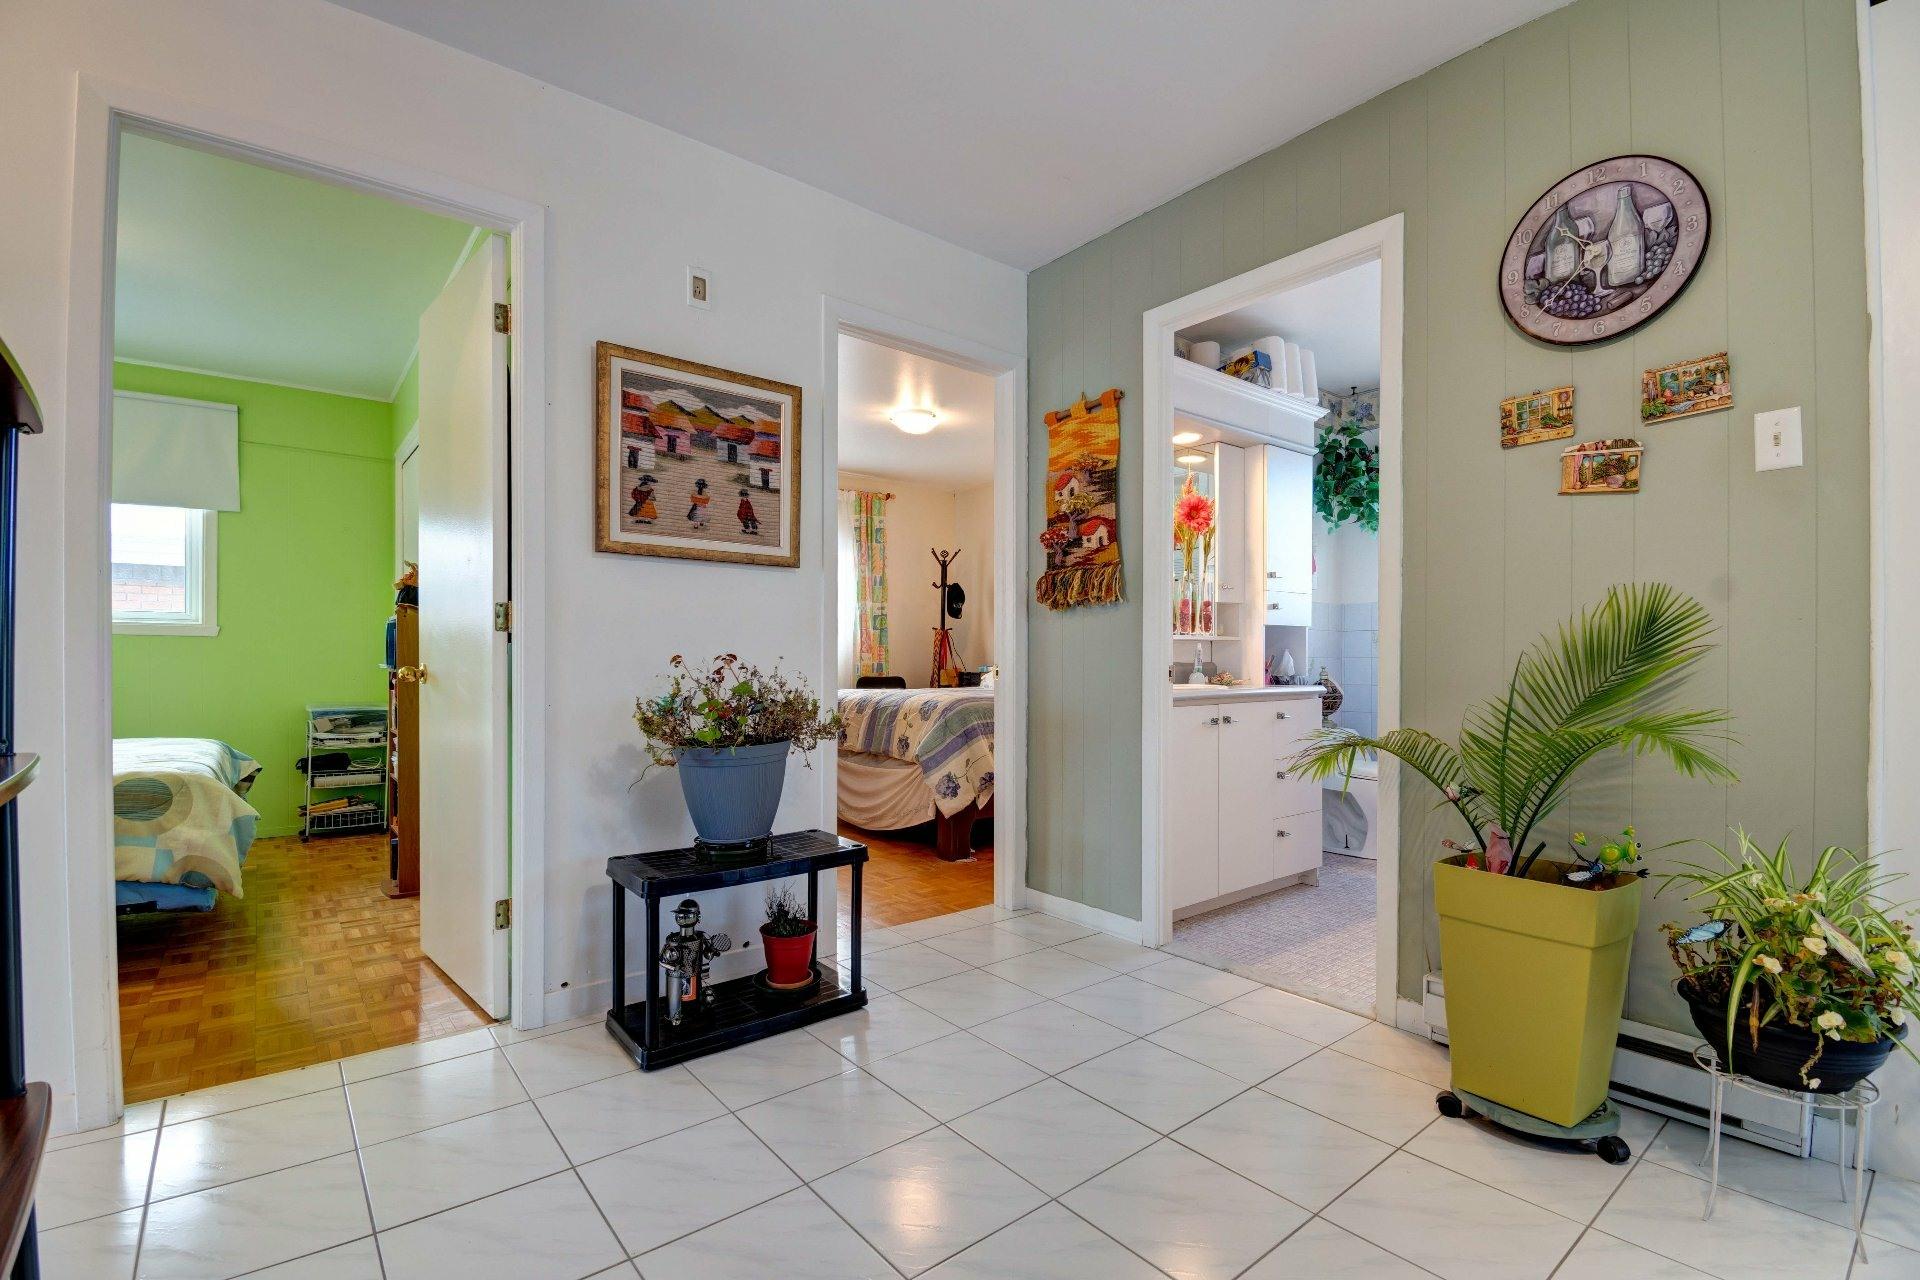 image 11 - Duplex À vendre Trois-Rivières - 6 pièces